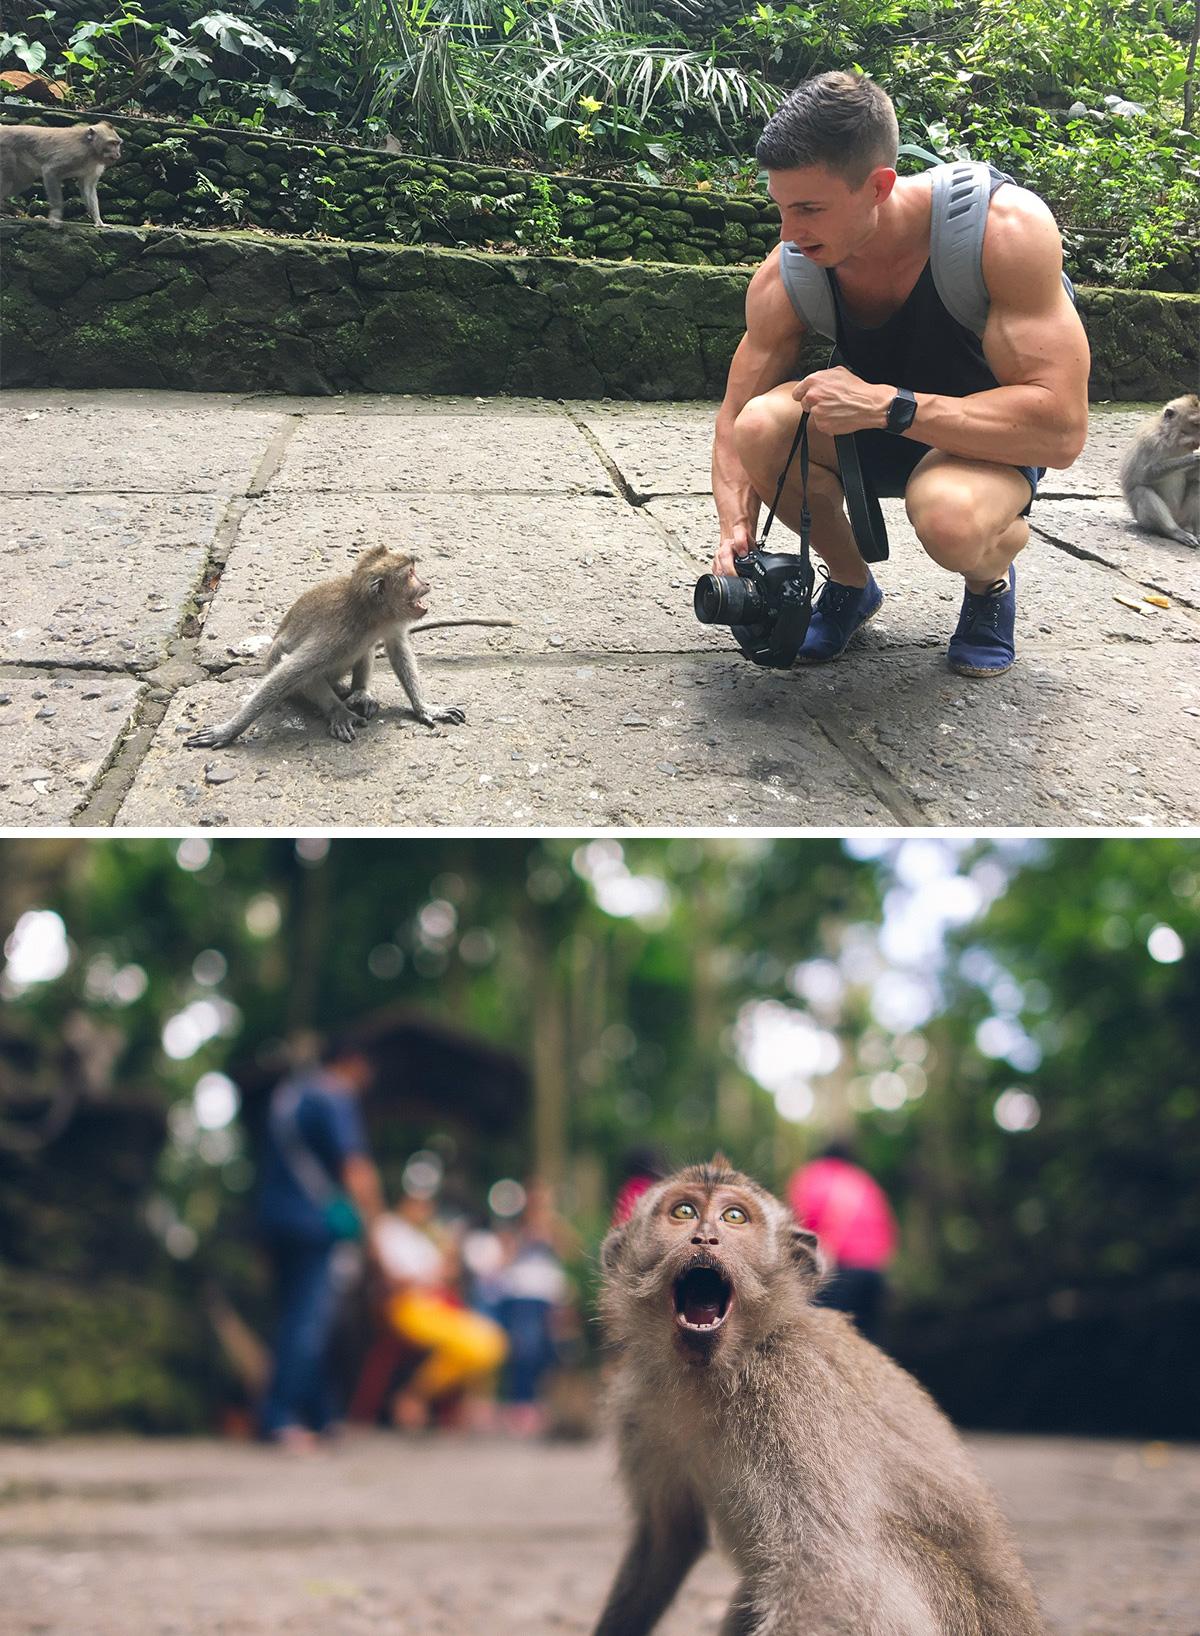 fitnessblog-fitnessblogger-fitness-blog-blogger-stuttgart-dreamteamfitness-monkey-forest-ubud-bali